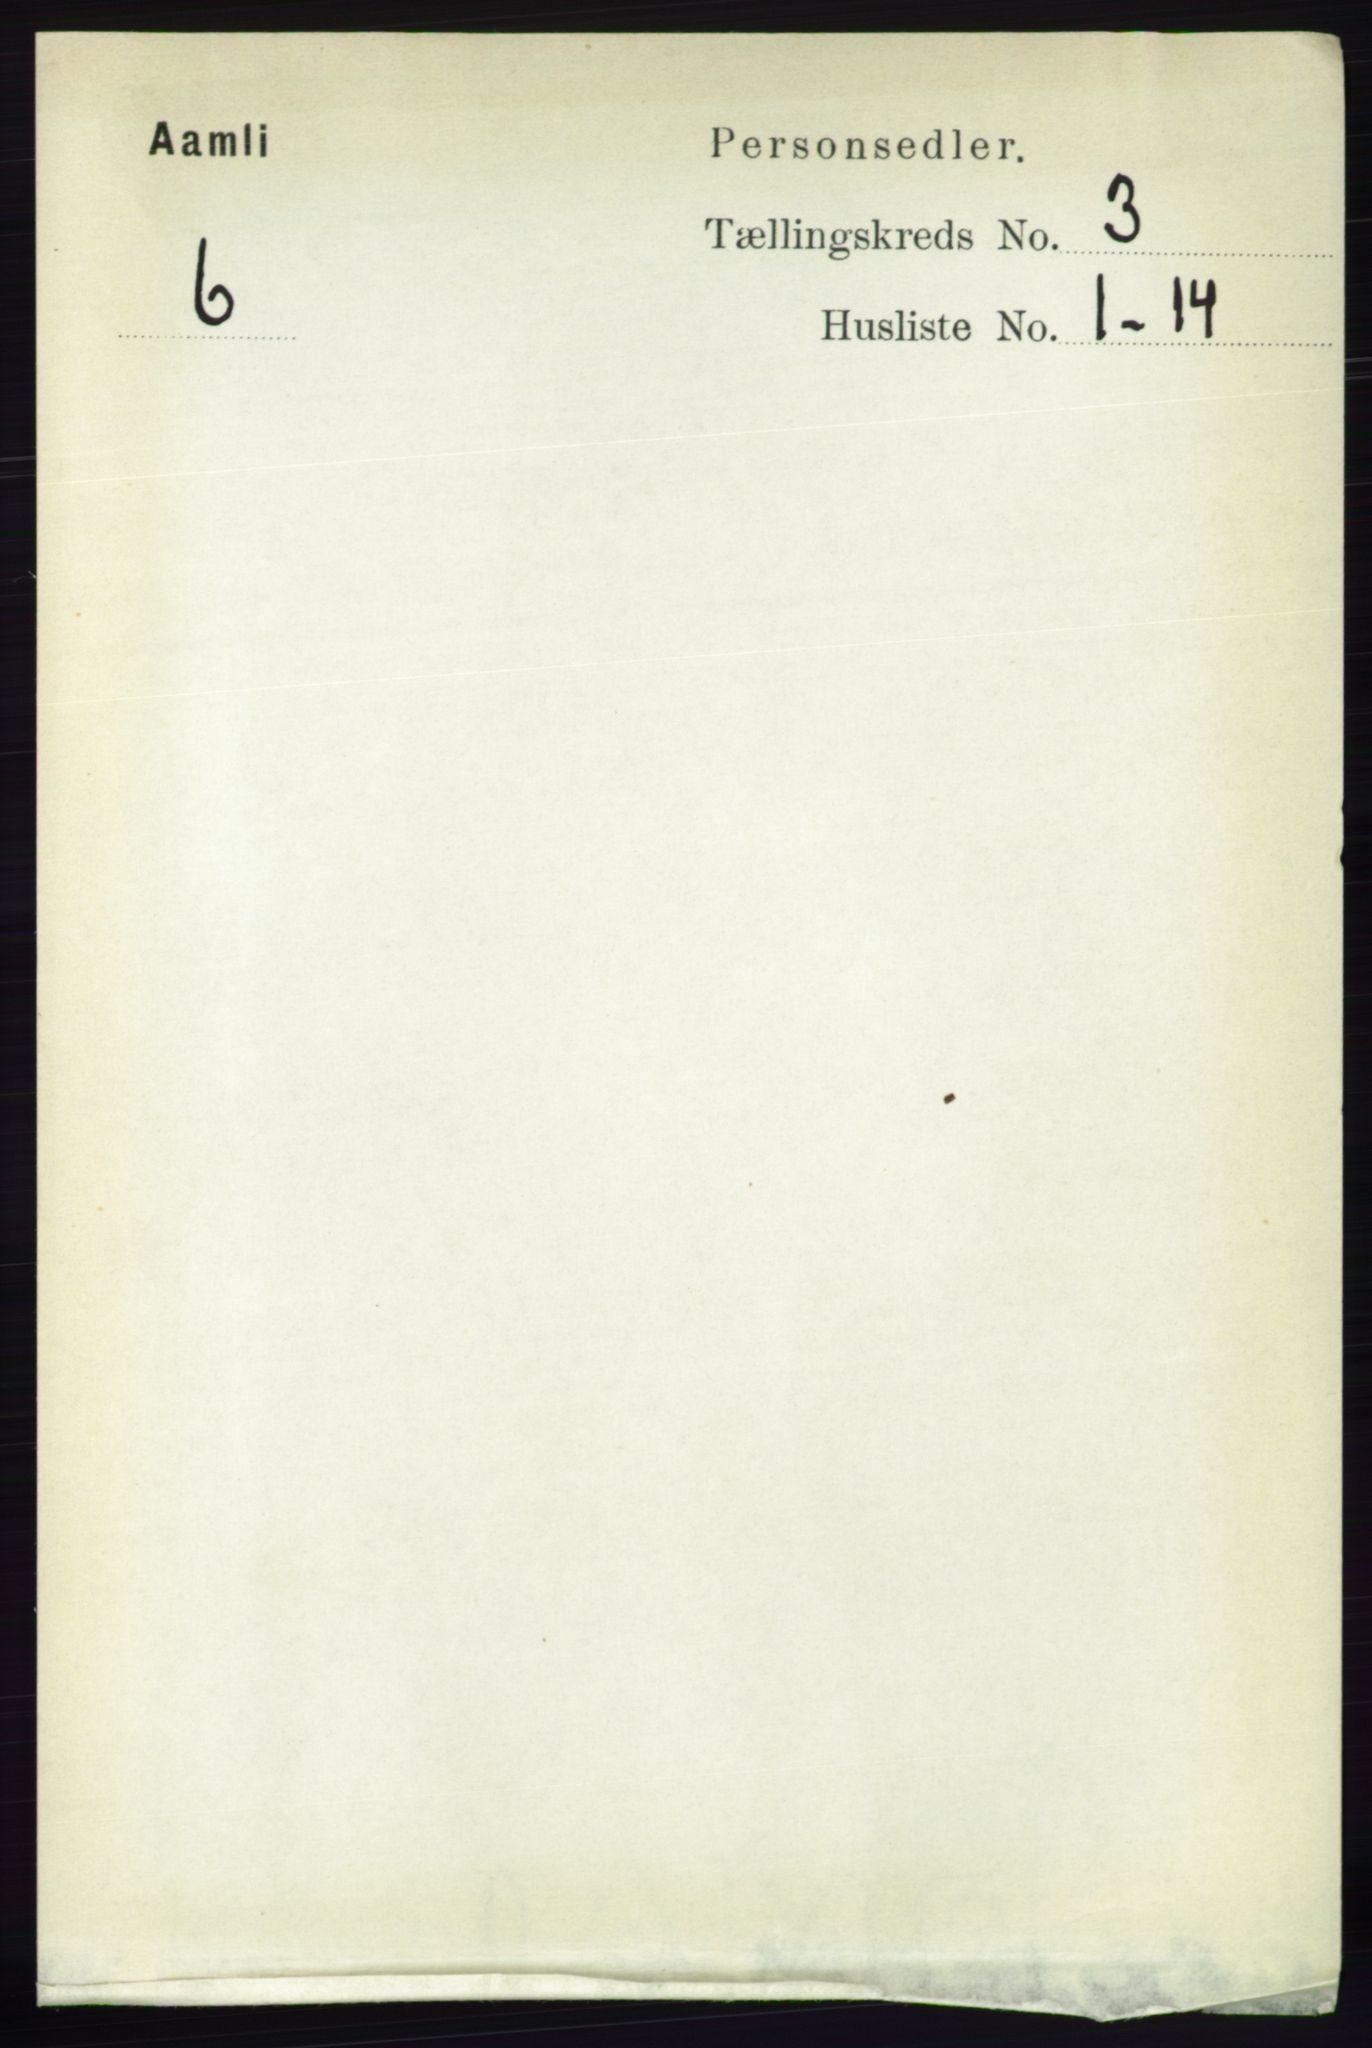 RA, Folketelling 1891 for 0929 Åmli herred, 1891, s. 315